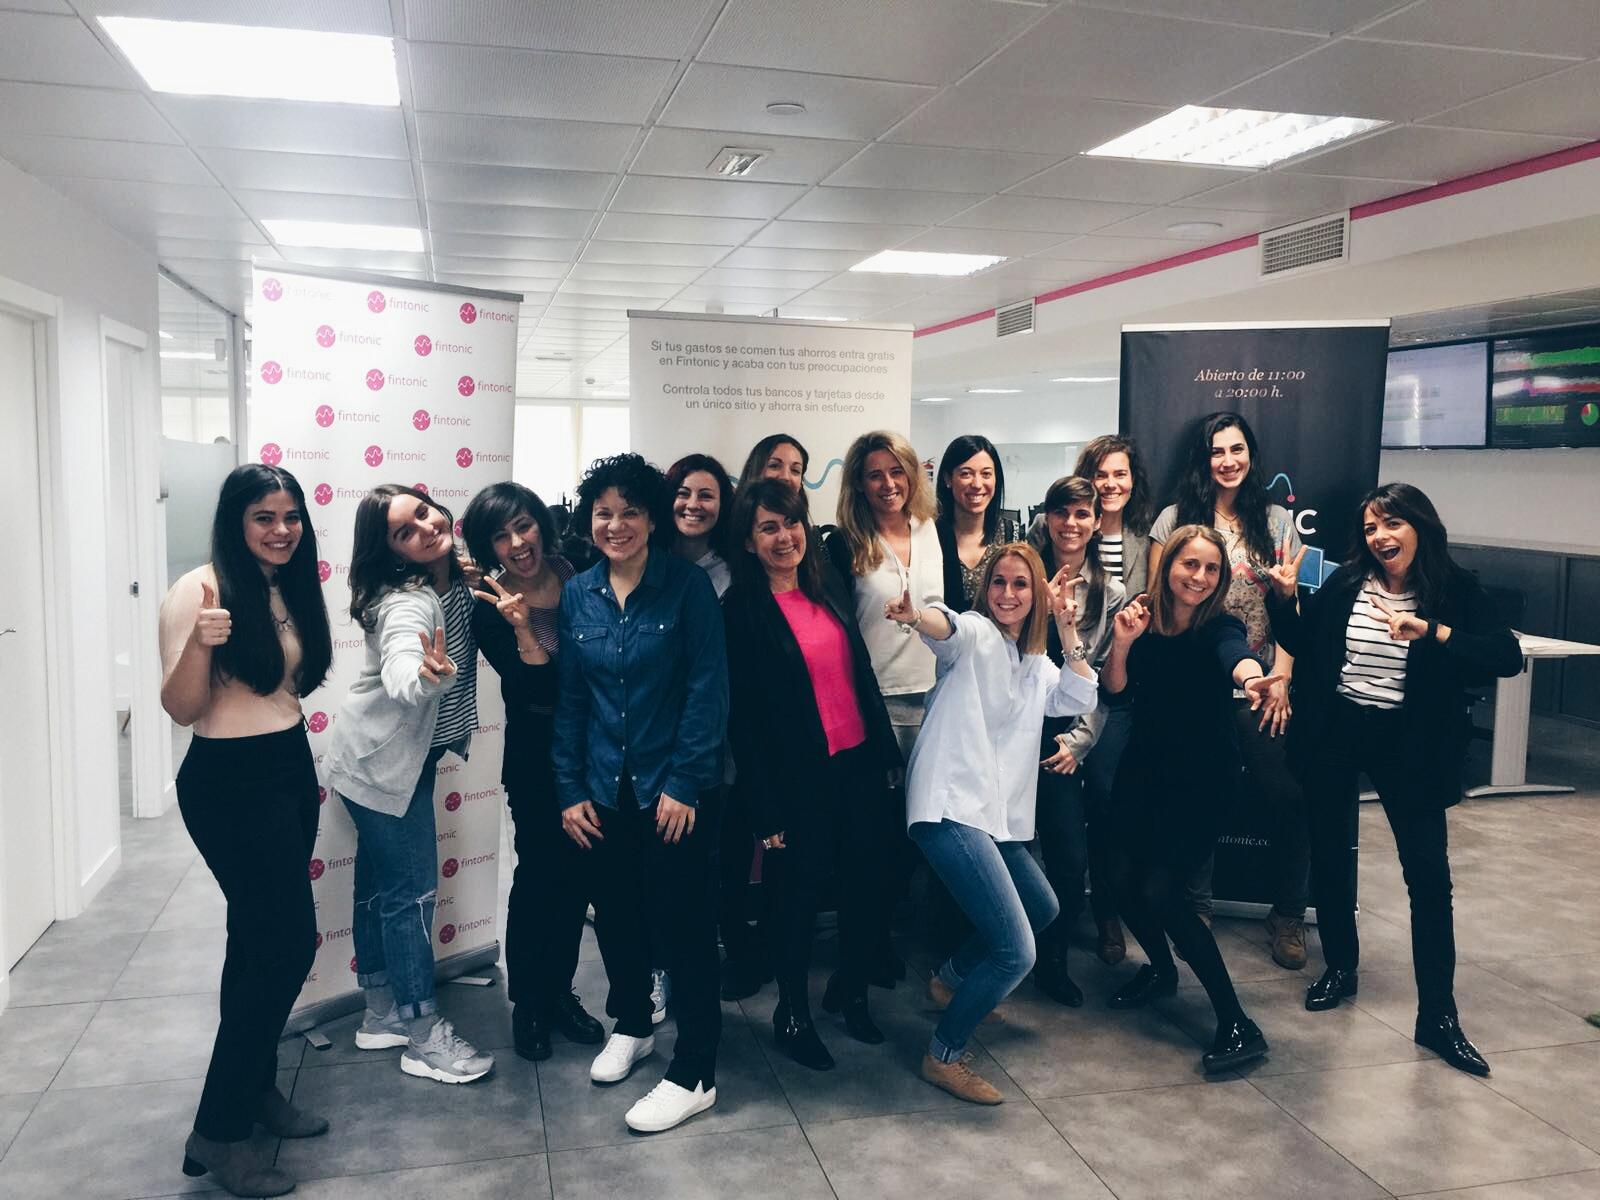 ¡Hoy celebramos el Día de la Mujer con Lupina Iturriaga!